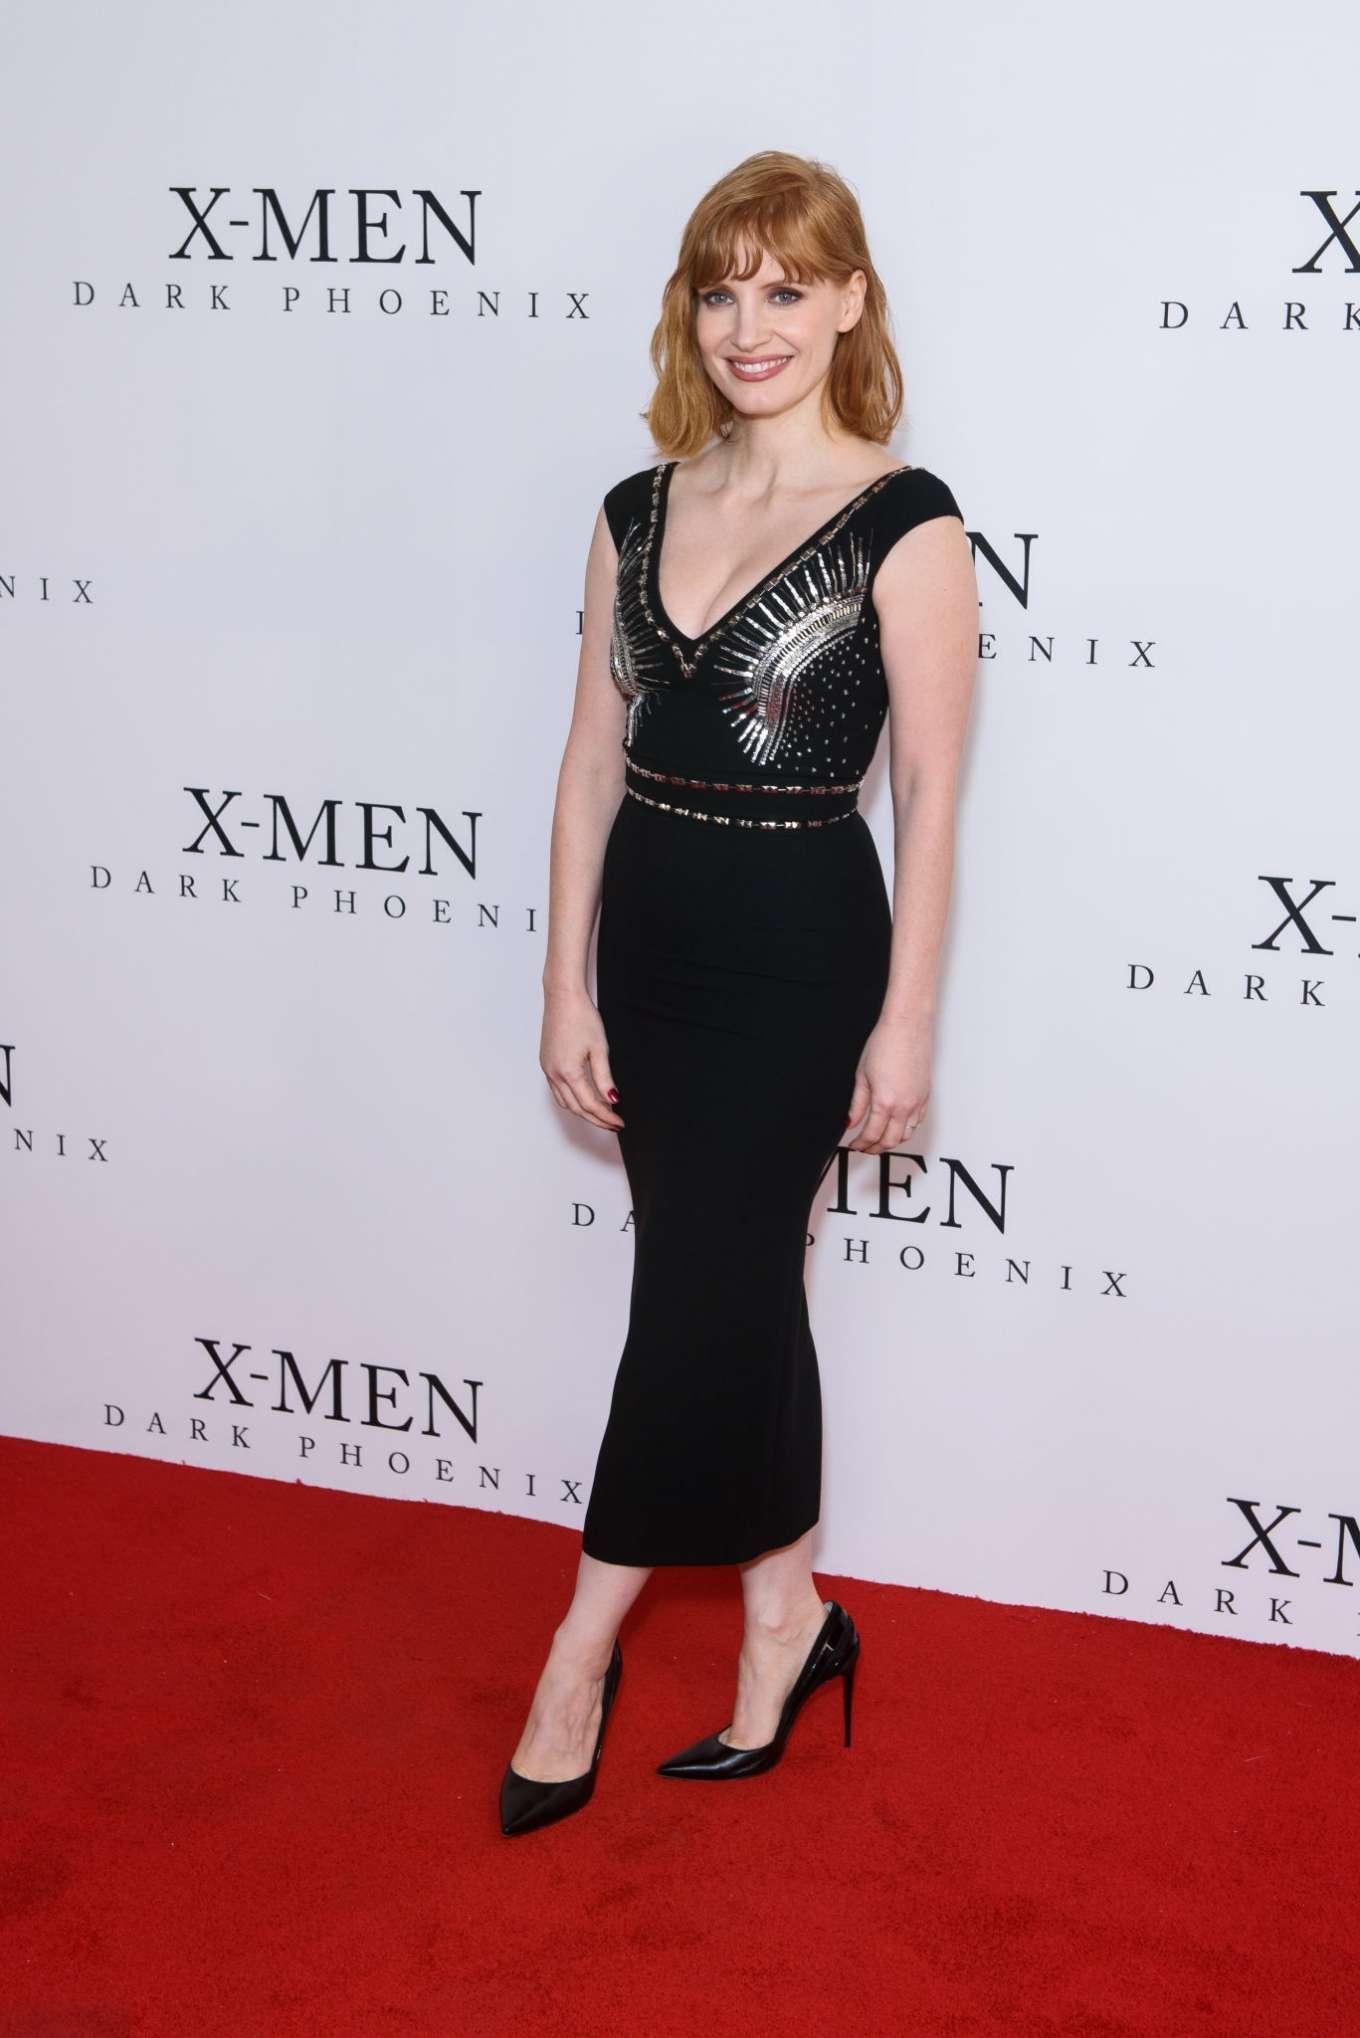 Jessica Chastain 2019 : Jessica Chastain: X-Men: Dark Phoenix  Fan Event-04